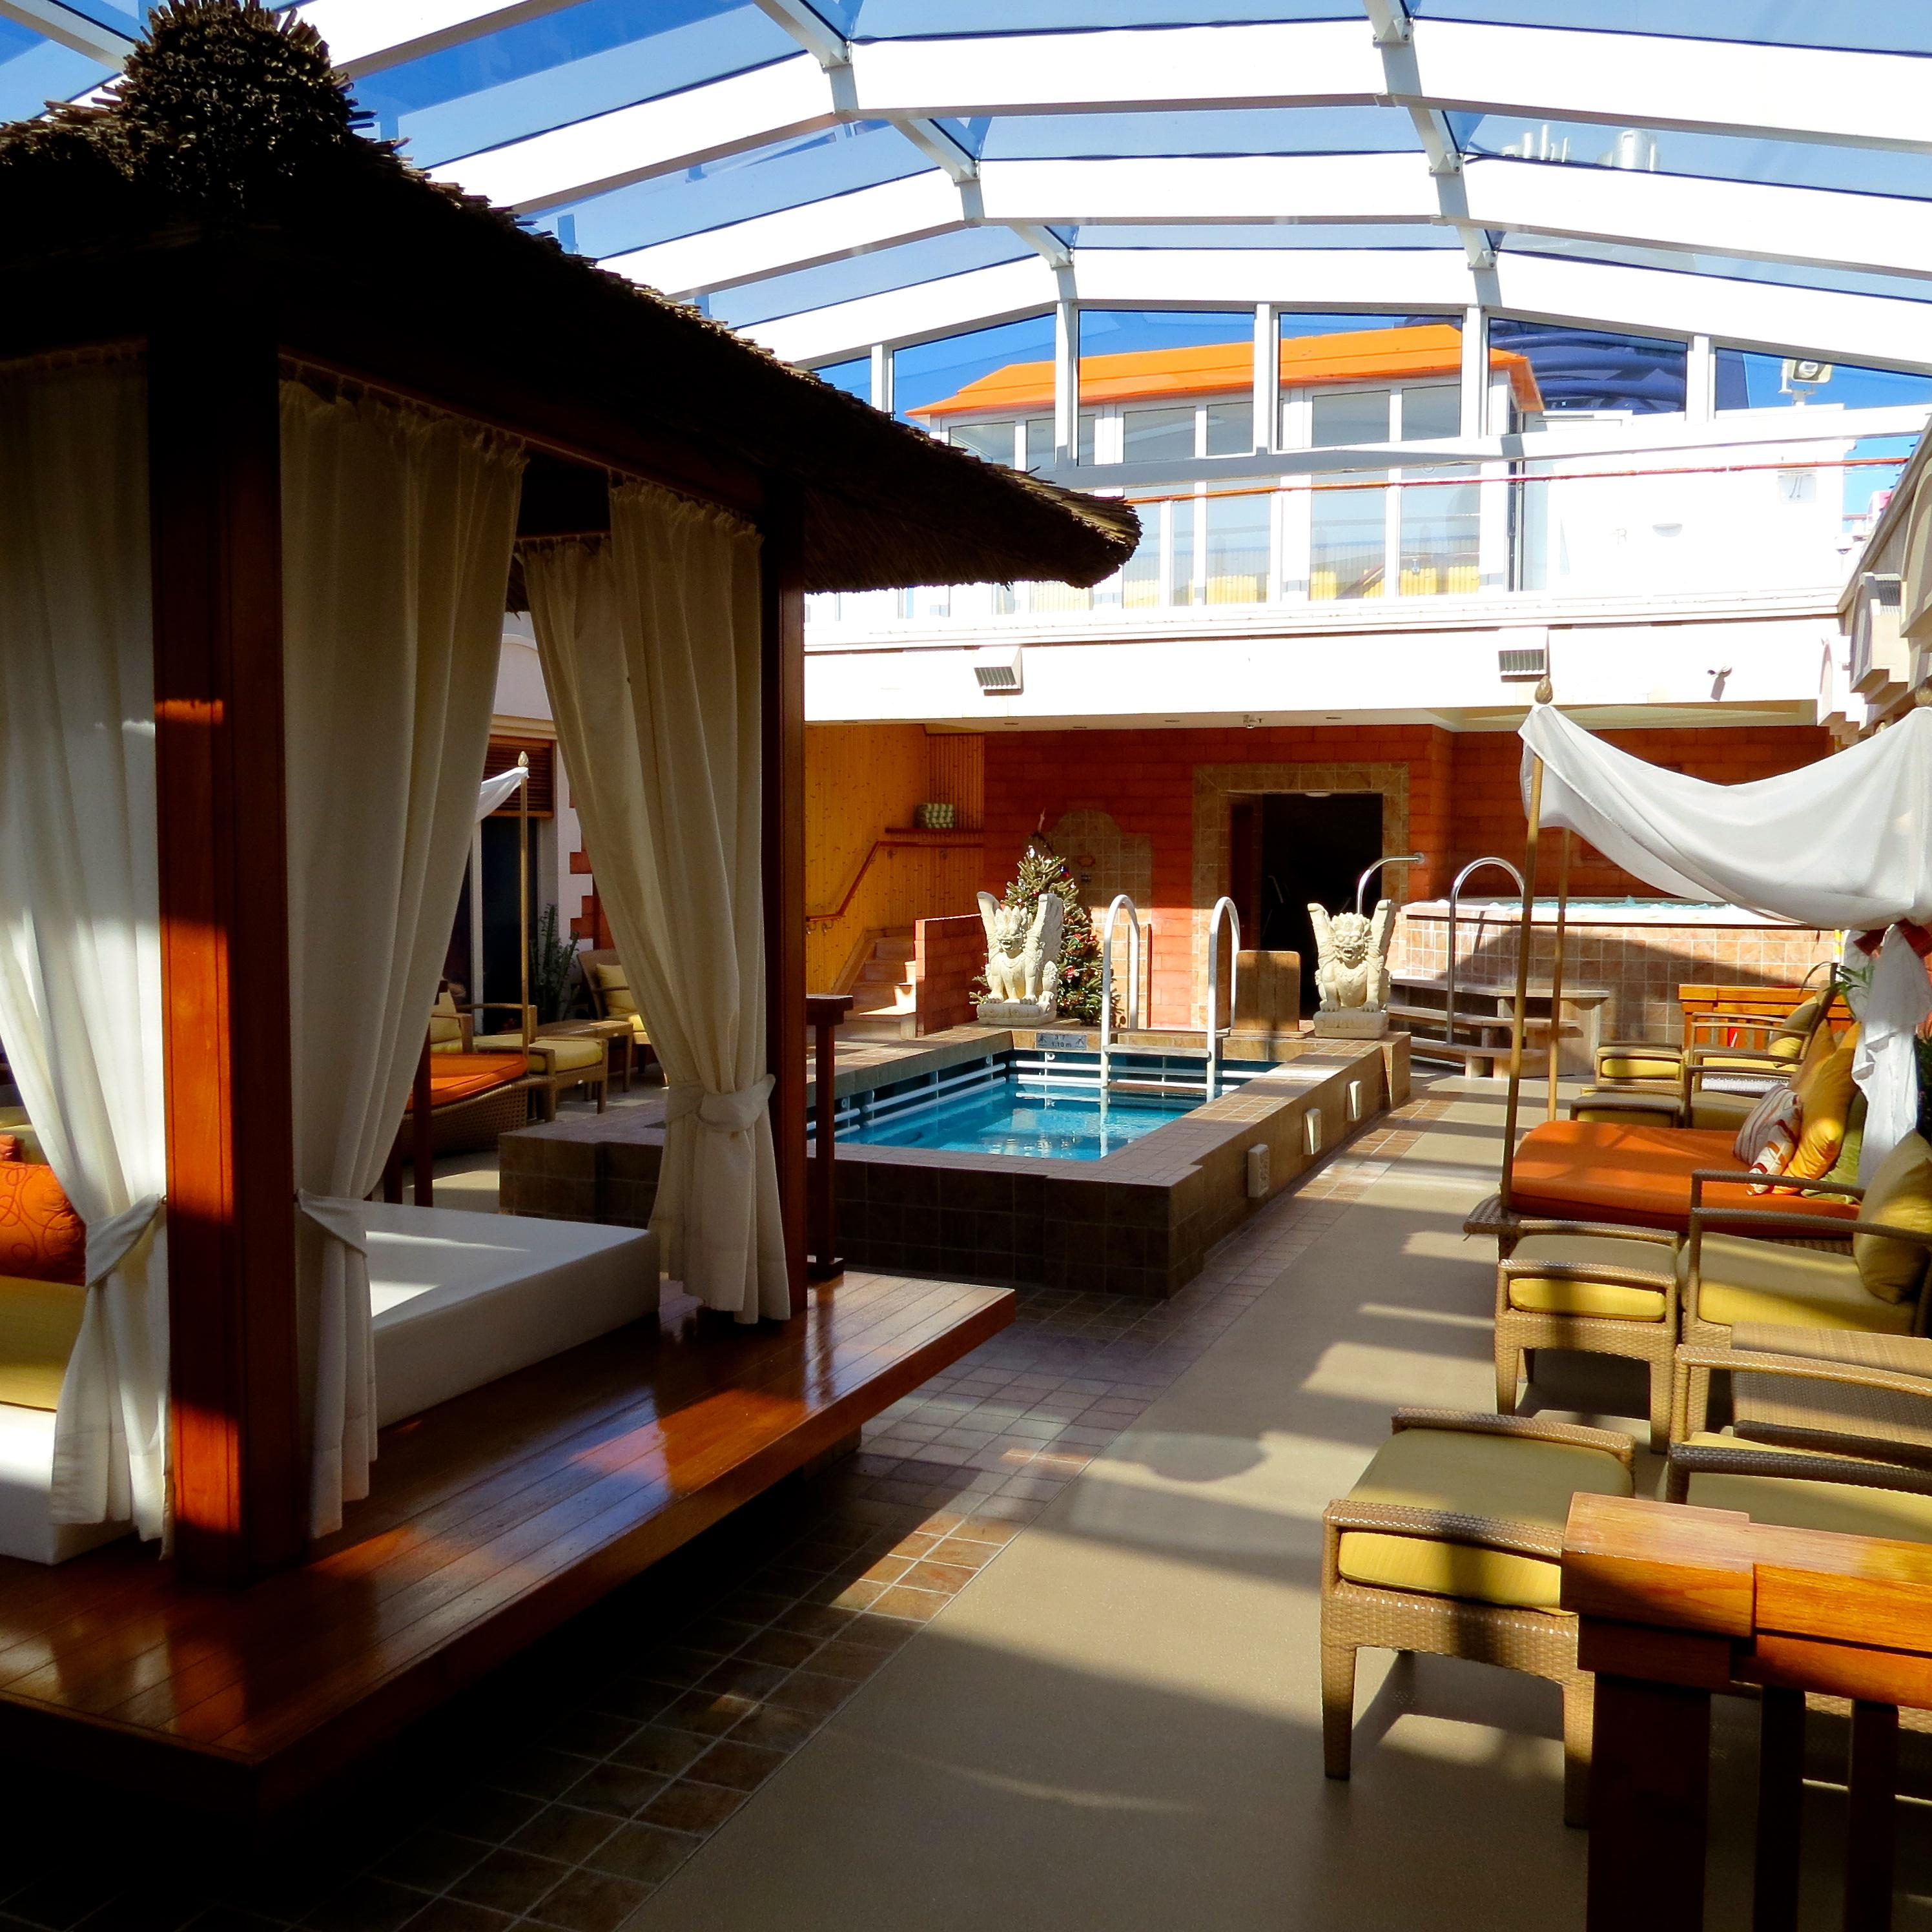 La top 5 delle suite pi lussuose sulle mega navi da for Quali sono le migliori cabine su una nave da crociera